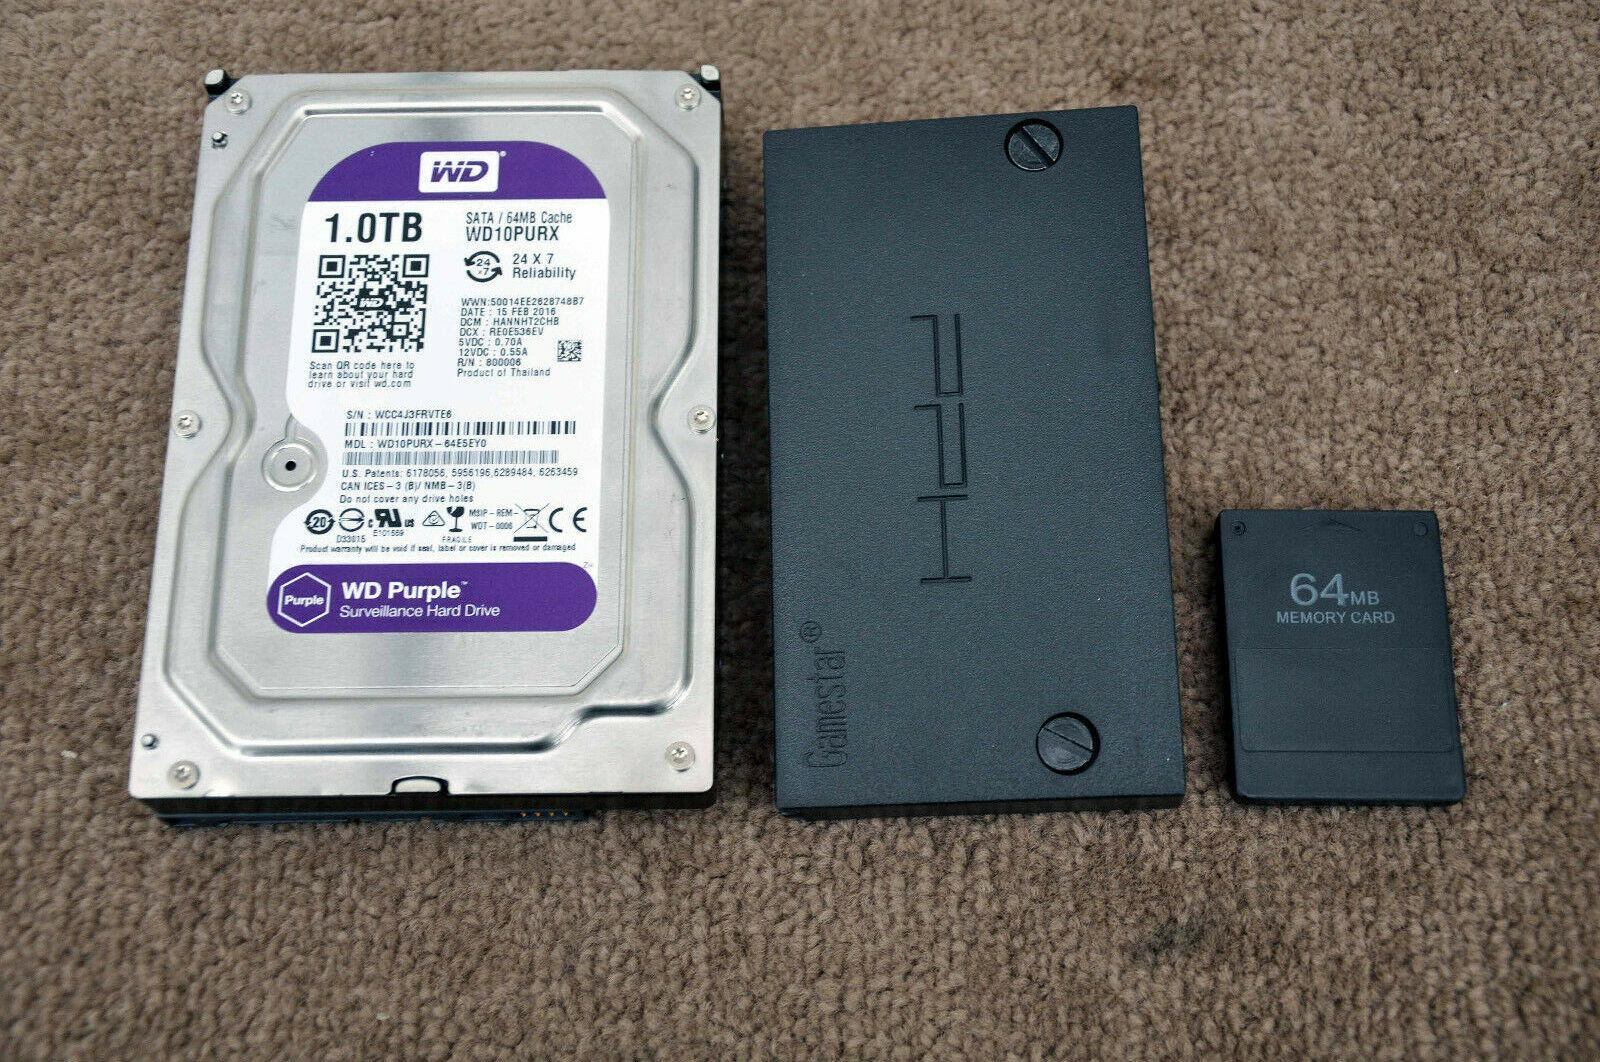 Playstation 2 1TB Hard Drive Upgrade + Adapter + 64MB Free Mcboot Memory Card